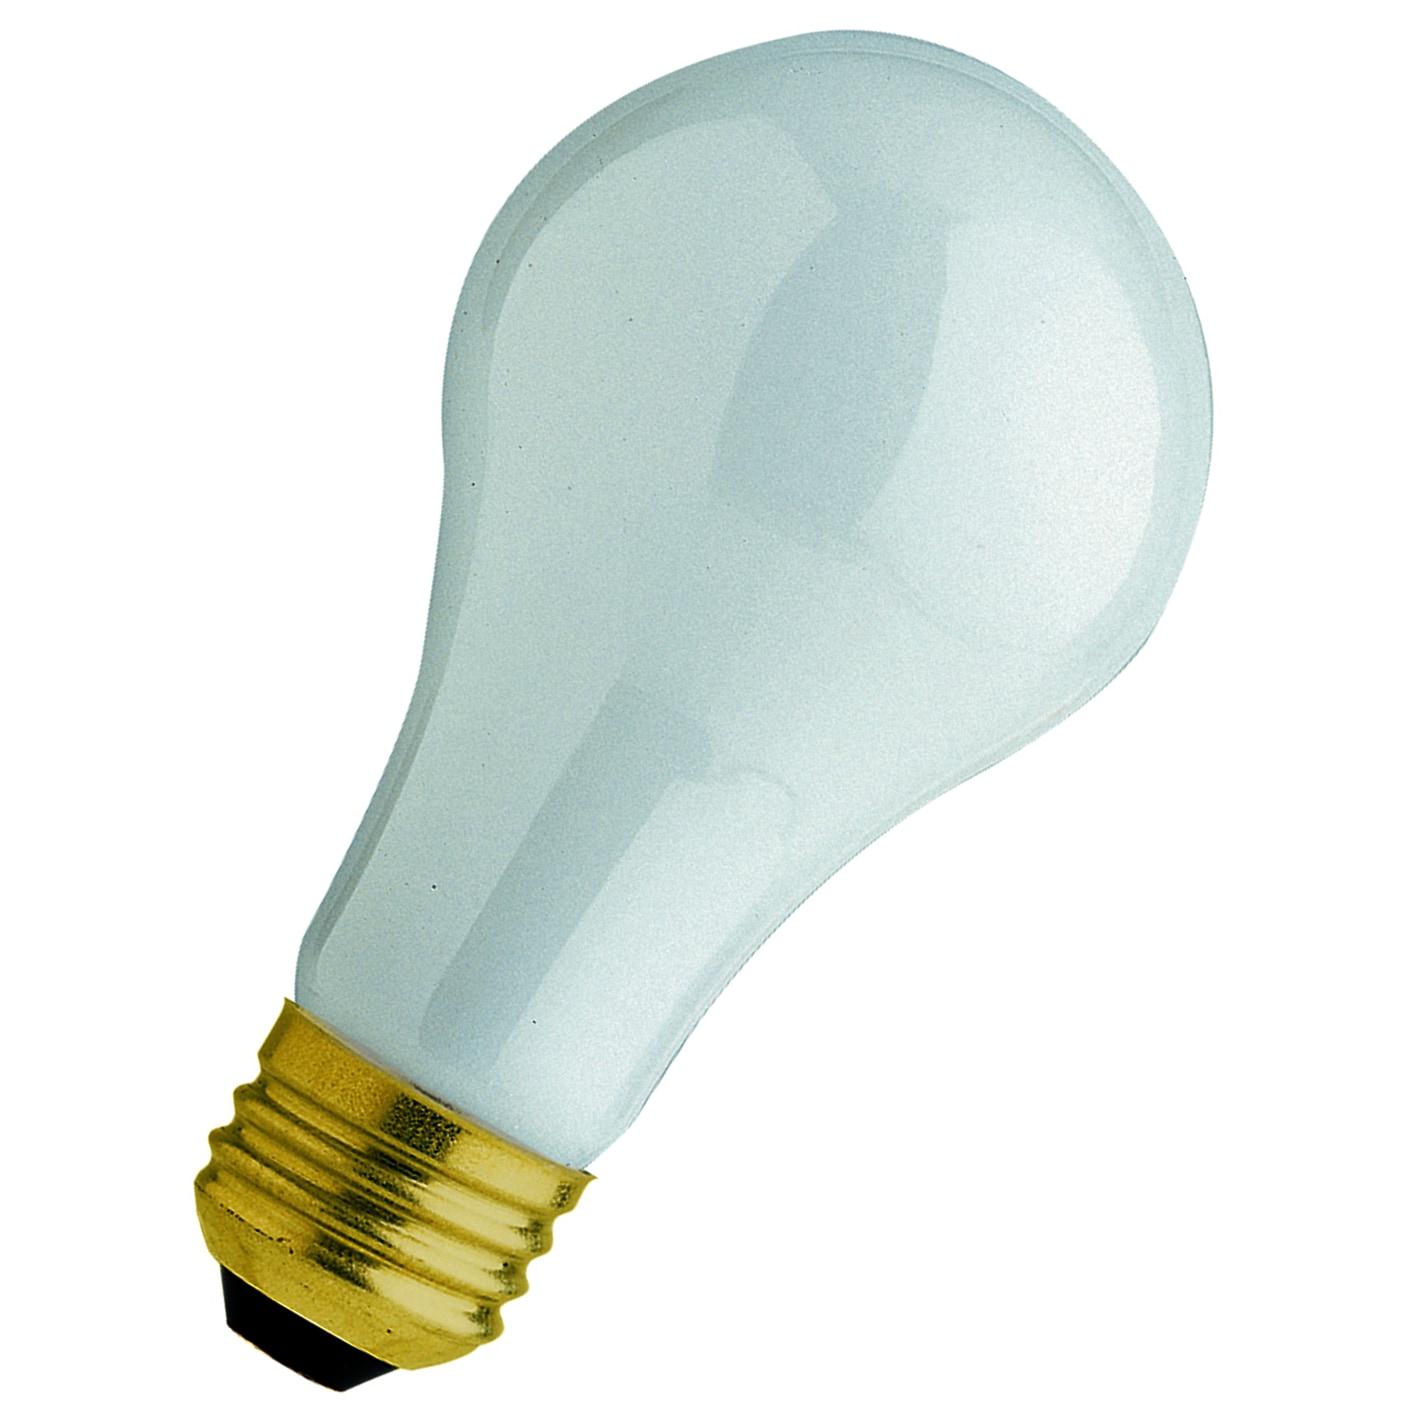 L18570966 Verwunderlich 150 Watt Halogen Lumen Dekorationen